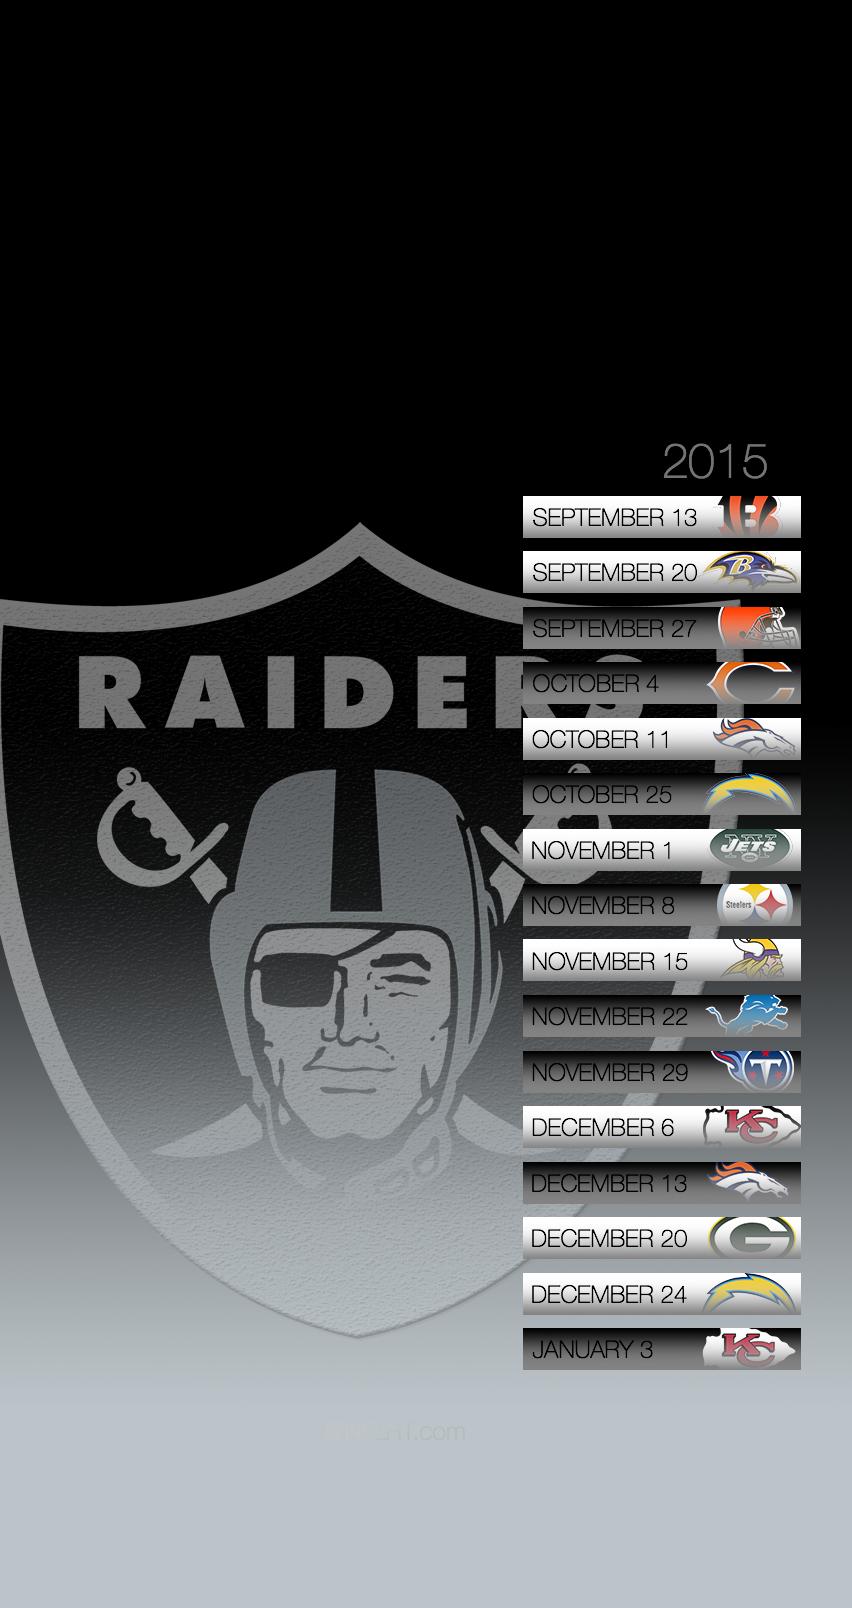 Football Team The Denver Broncos Kansas City Chiefs Oakland Raiders 852x1608